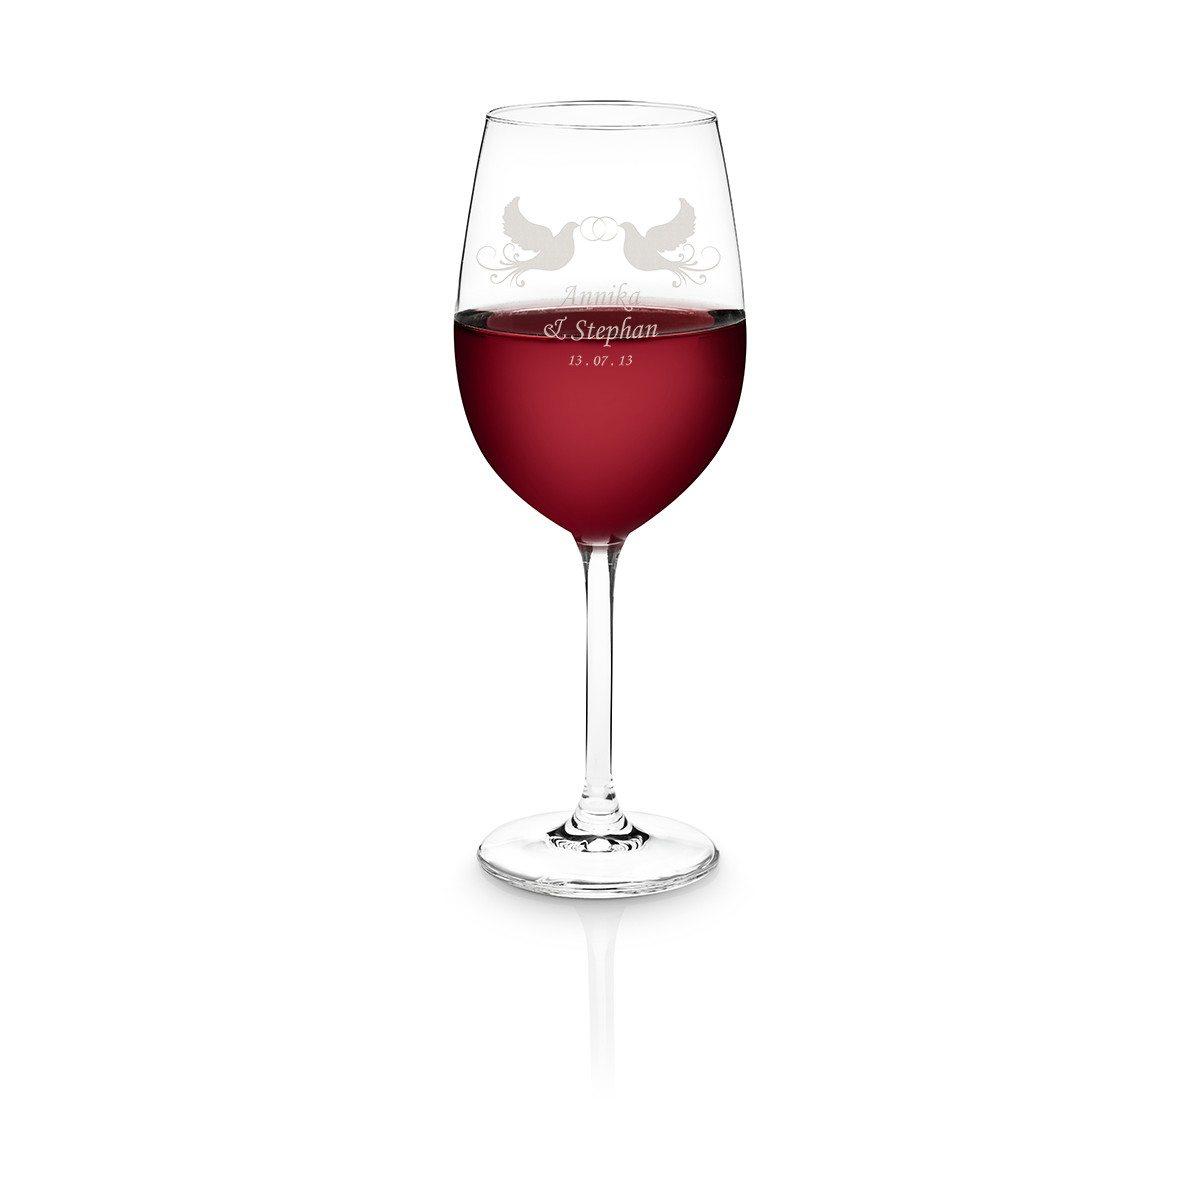 Personalisierbares Rotweinglas von Schott Zwiesel - Tauben